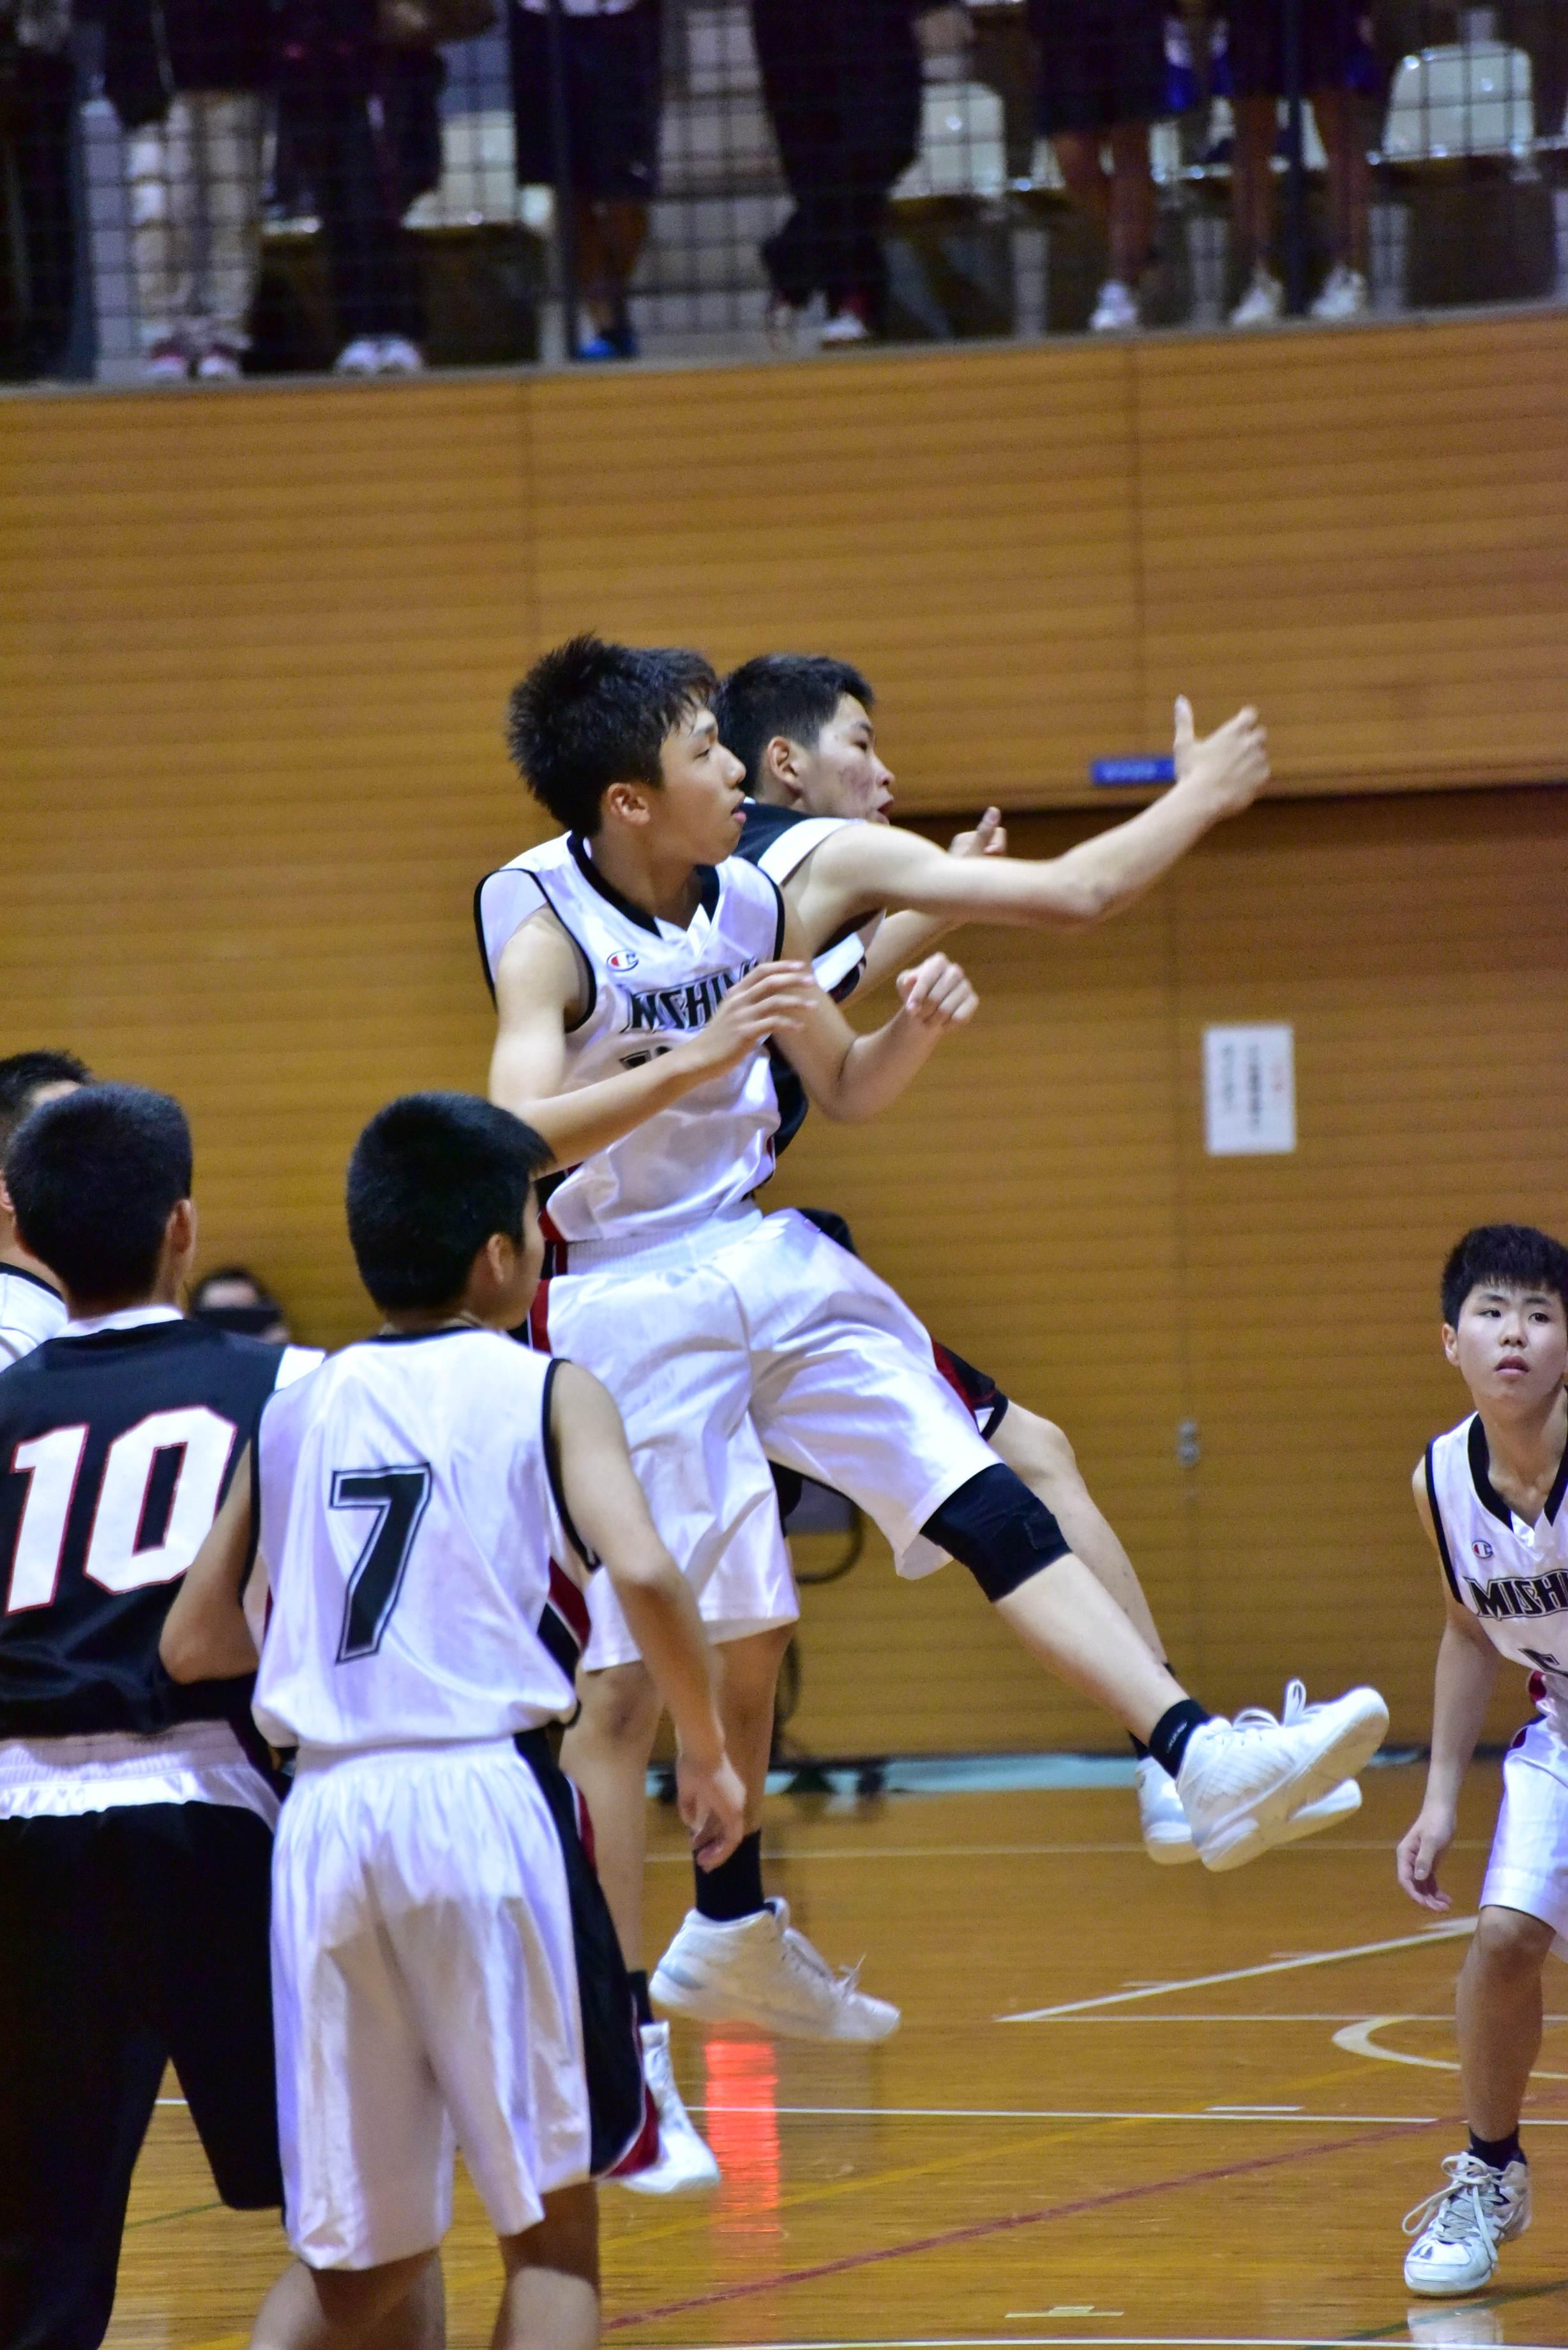 バスケットボール (50)